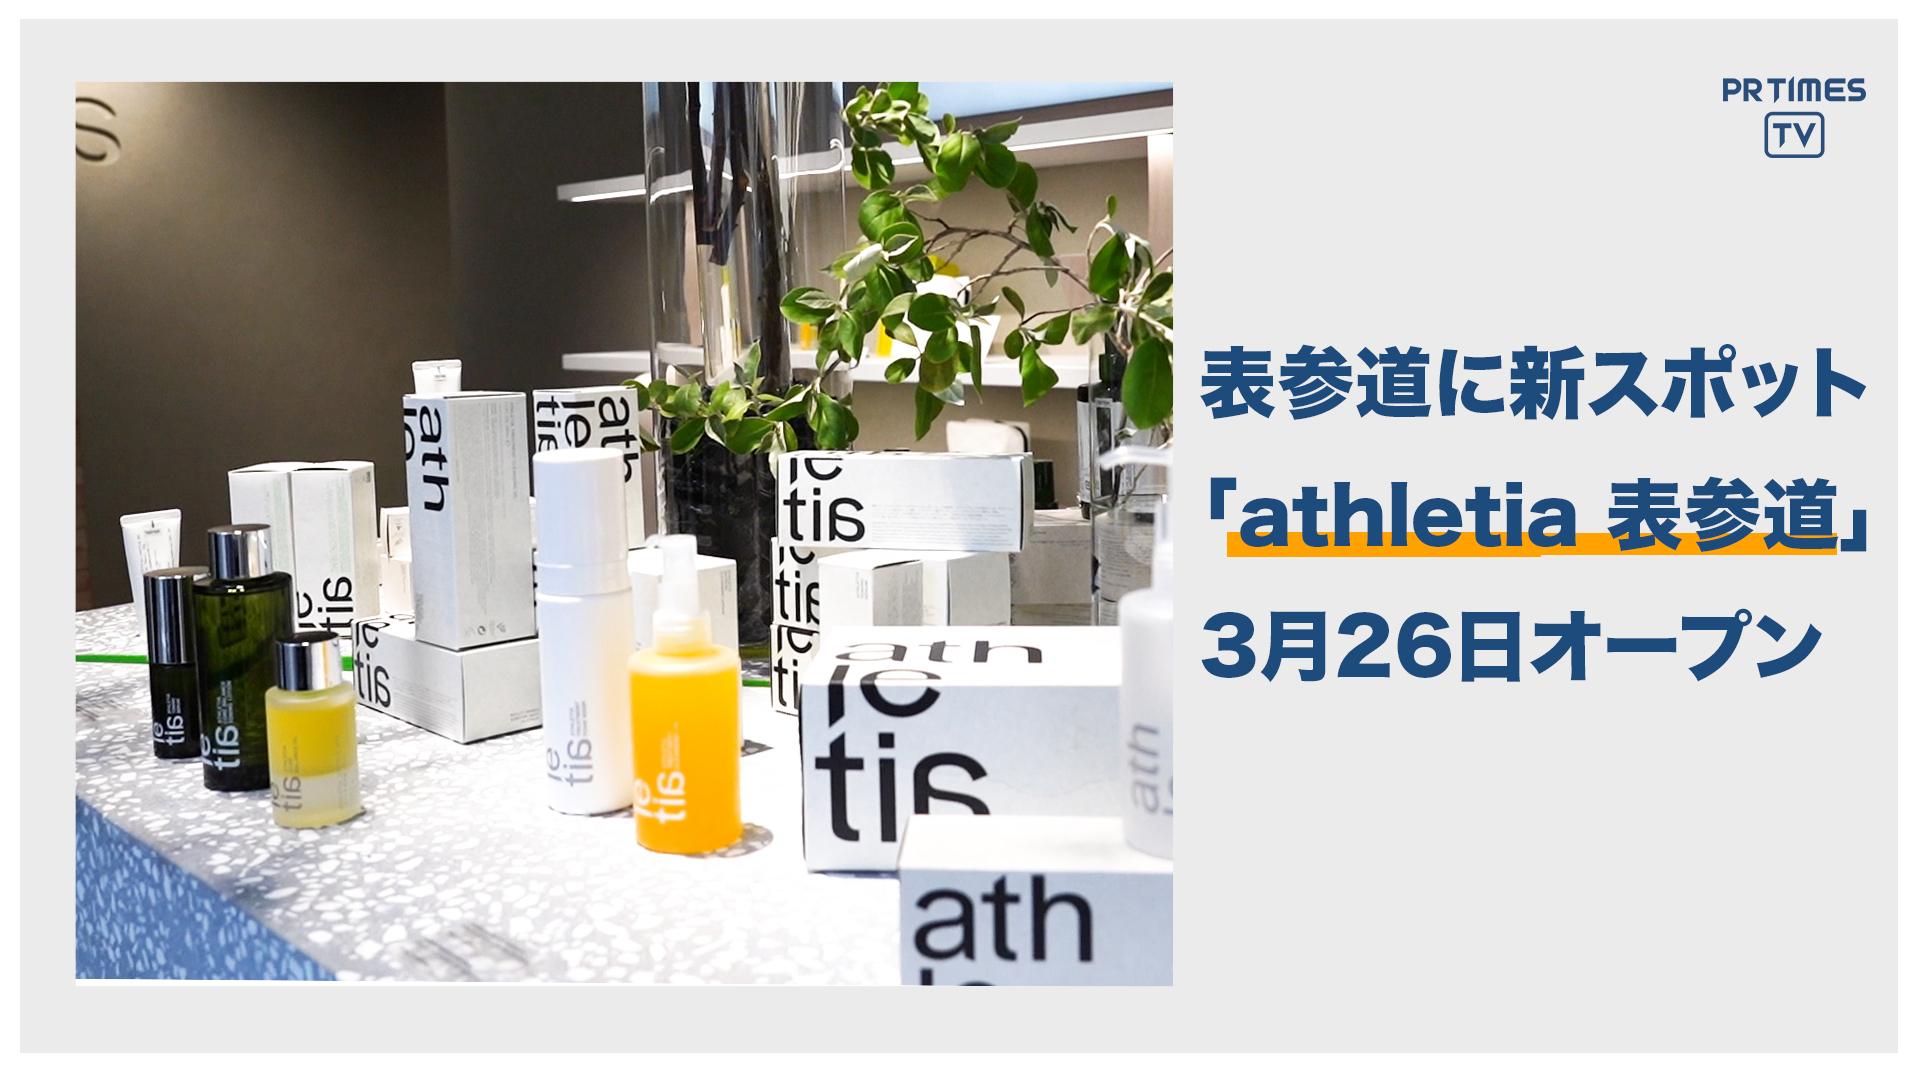 アスレティアの世界観を体感できる旗艦店「 athletia 表参道 」3月26日オープン!